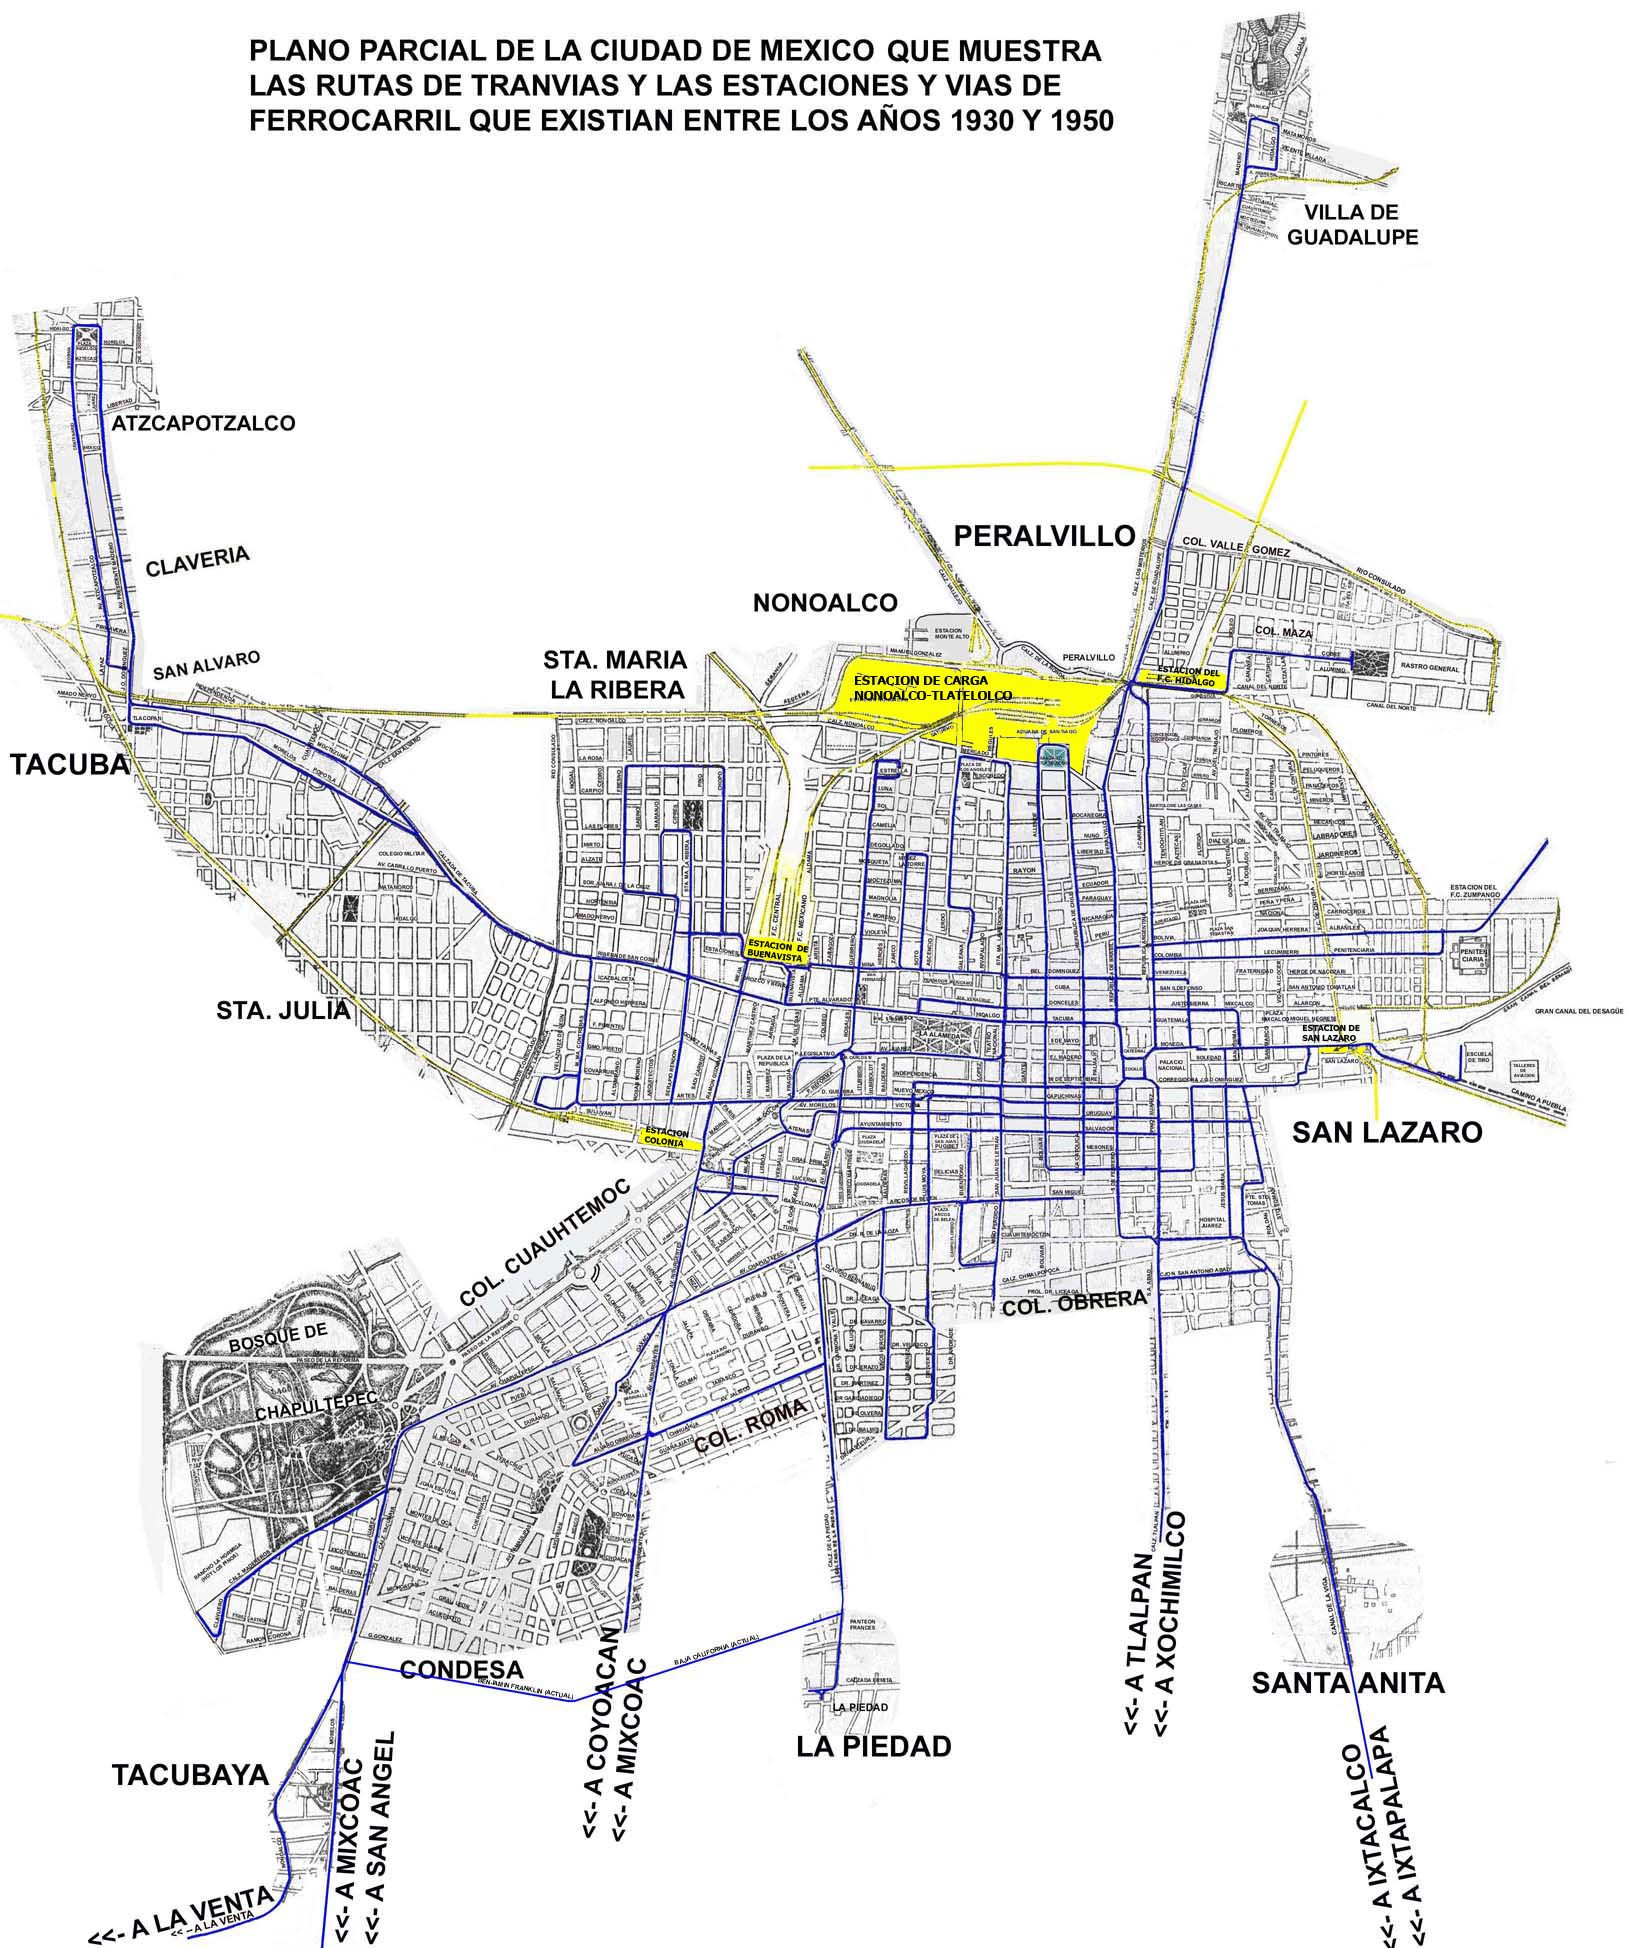 MAPA DE LA CIUDAD DE MEXICO EN 1930, con rutas de tranvías y ...